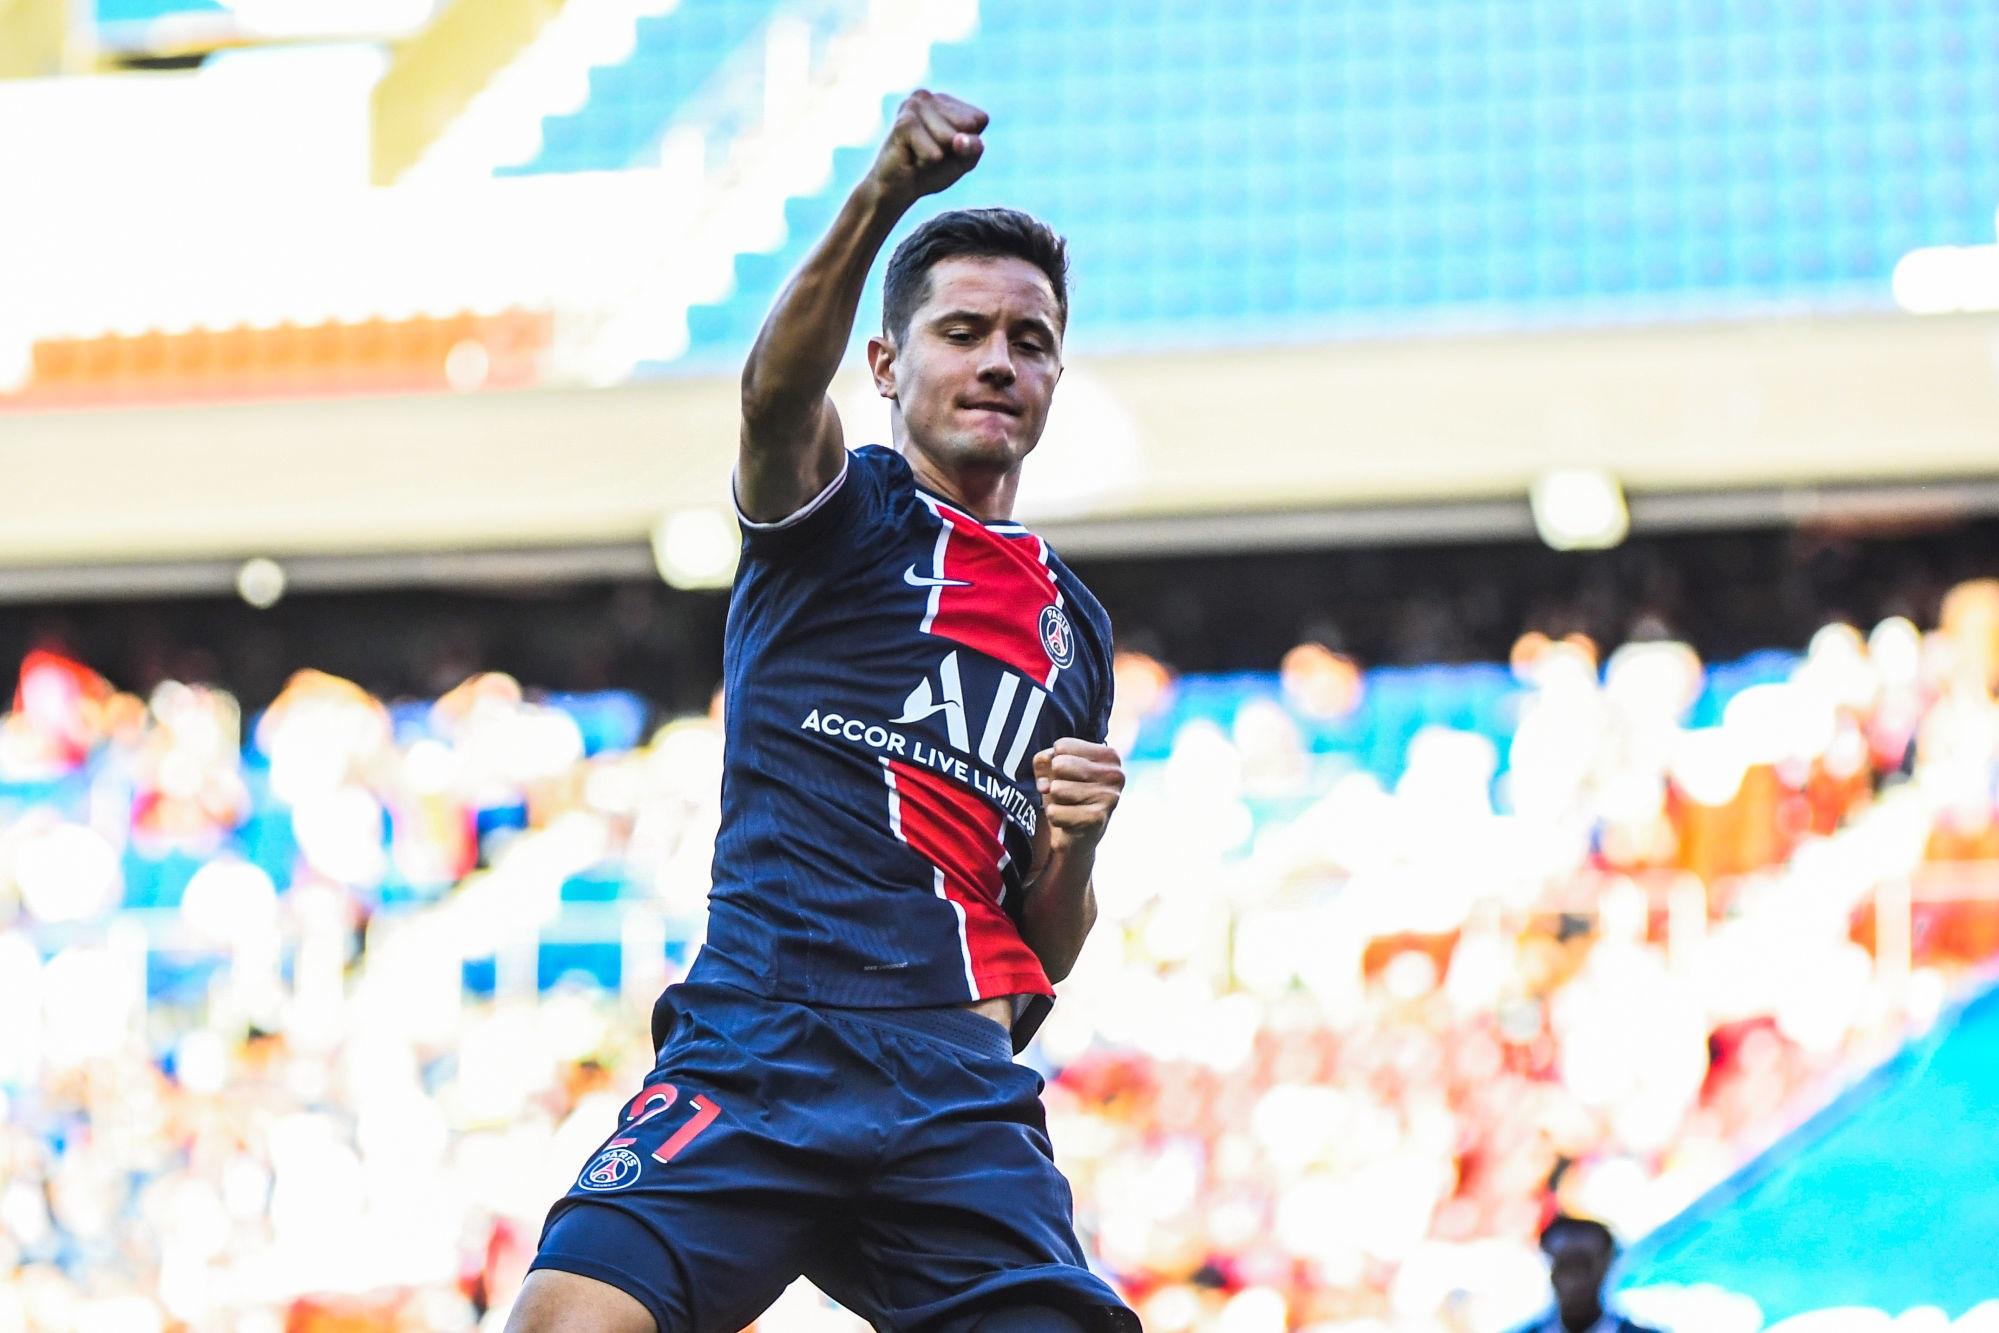 Atalanta/PSG - L'équipe parisienne annoncée en 4-3-3 avec Herrera